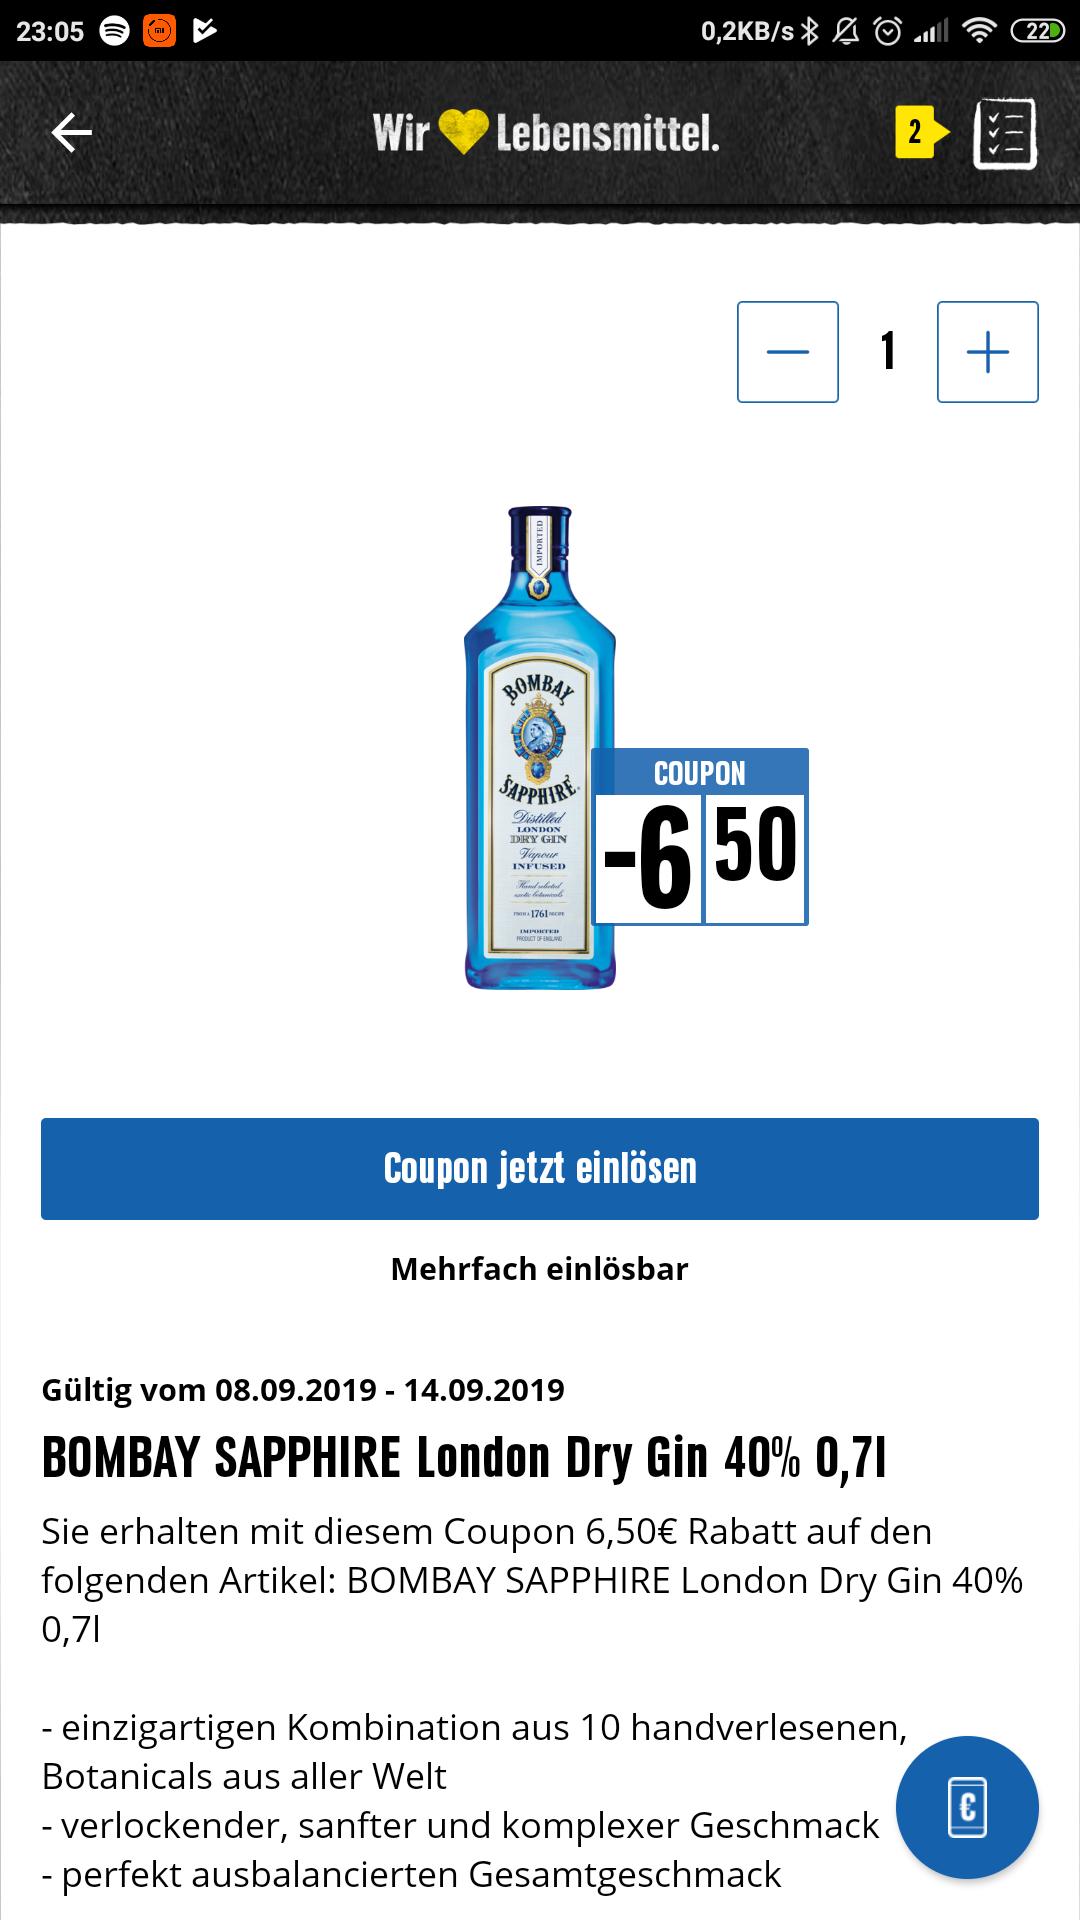 Rabatt Coupon in der Edeka App für Gin (Bombay Sapphire Dry Gin)